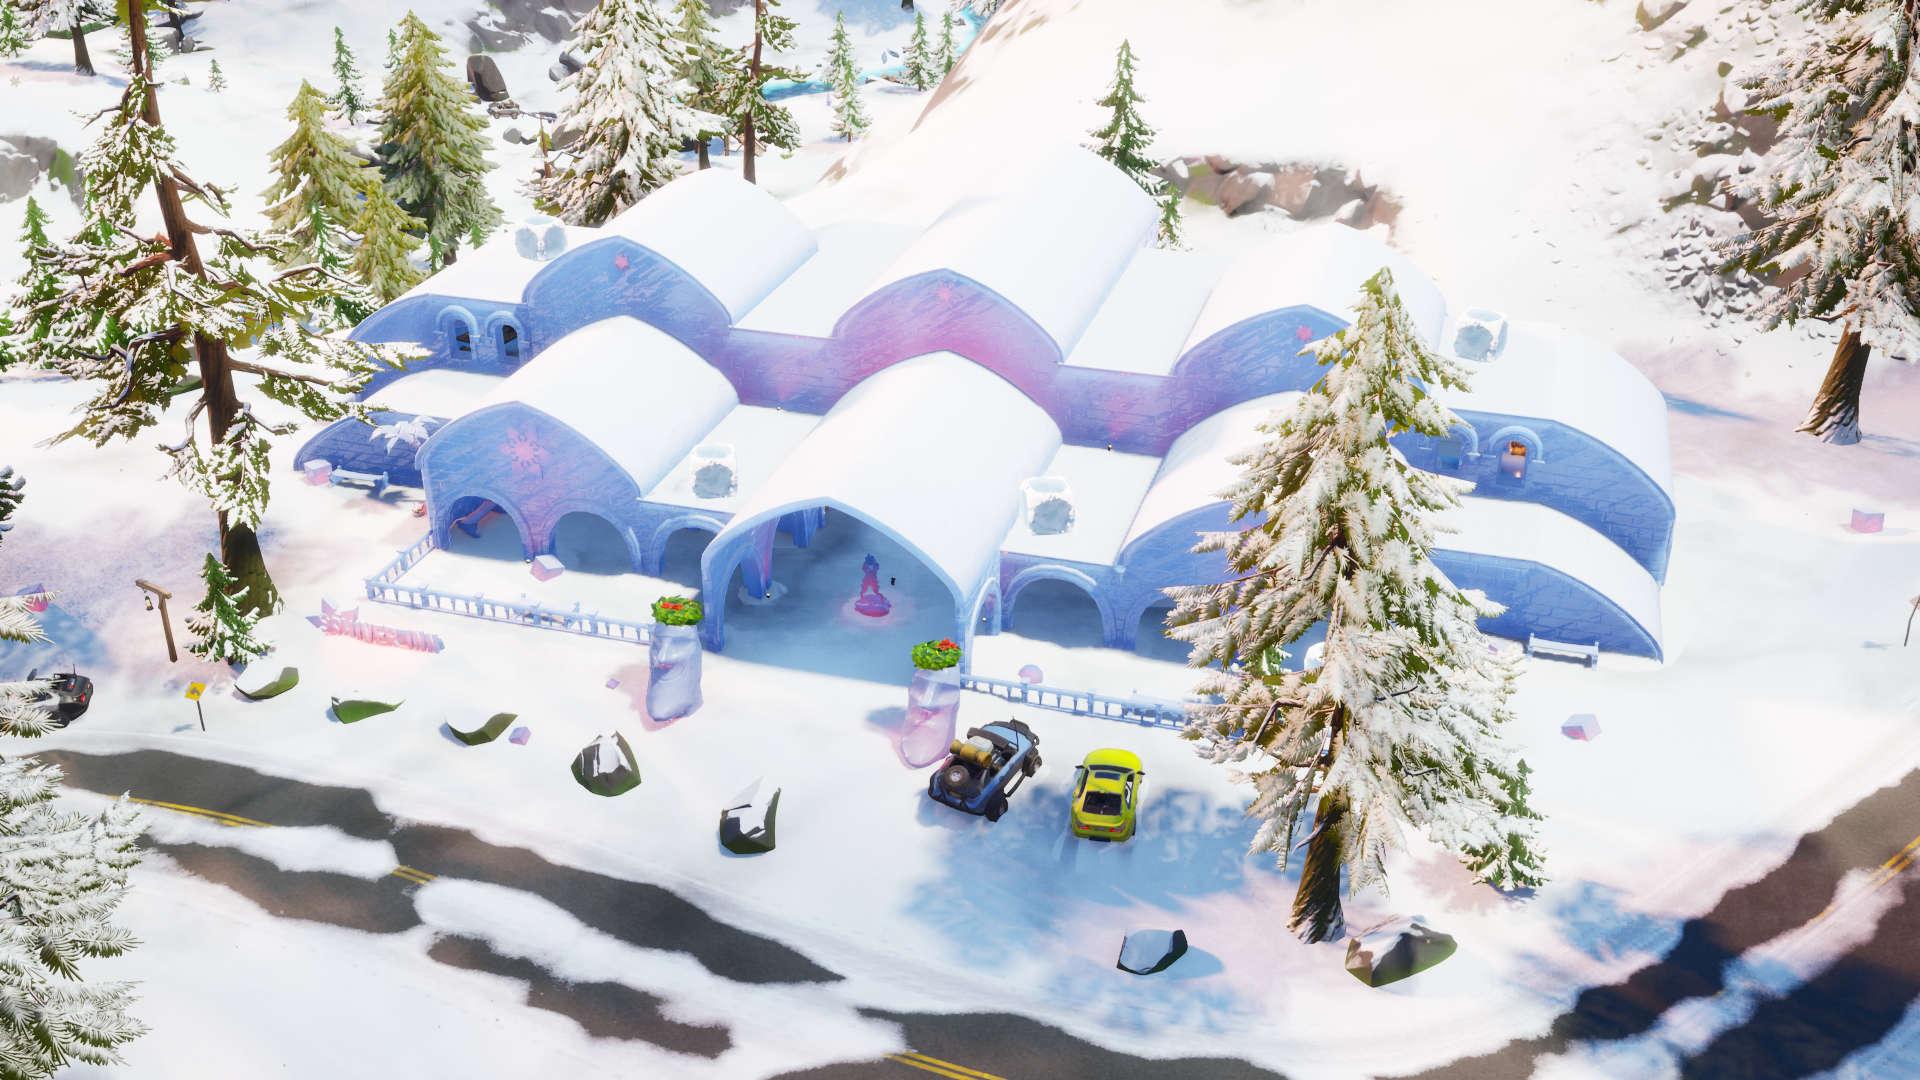 ナイト スキー フォート 場所 アプレ 【FORTNITE】バトルパス「CH2.シーズン2/ウィーク2」ブルータスのブリーフィング(2週目チャレンジ)【フォトナ】